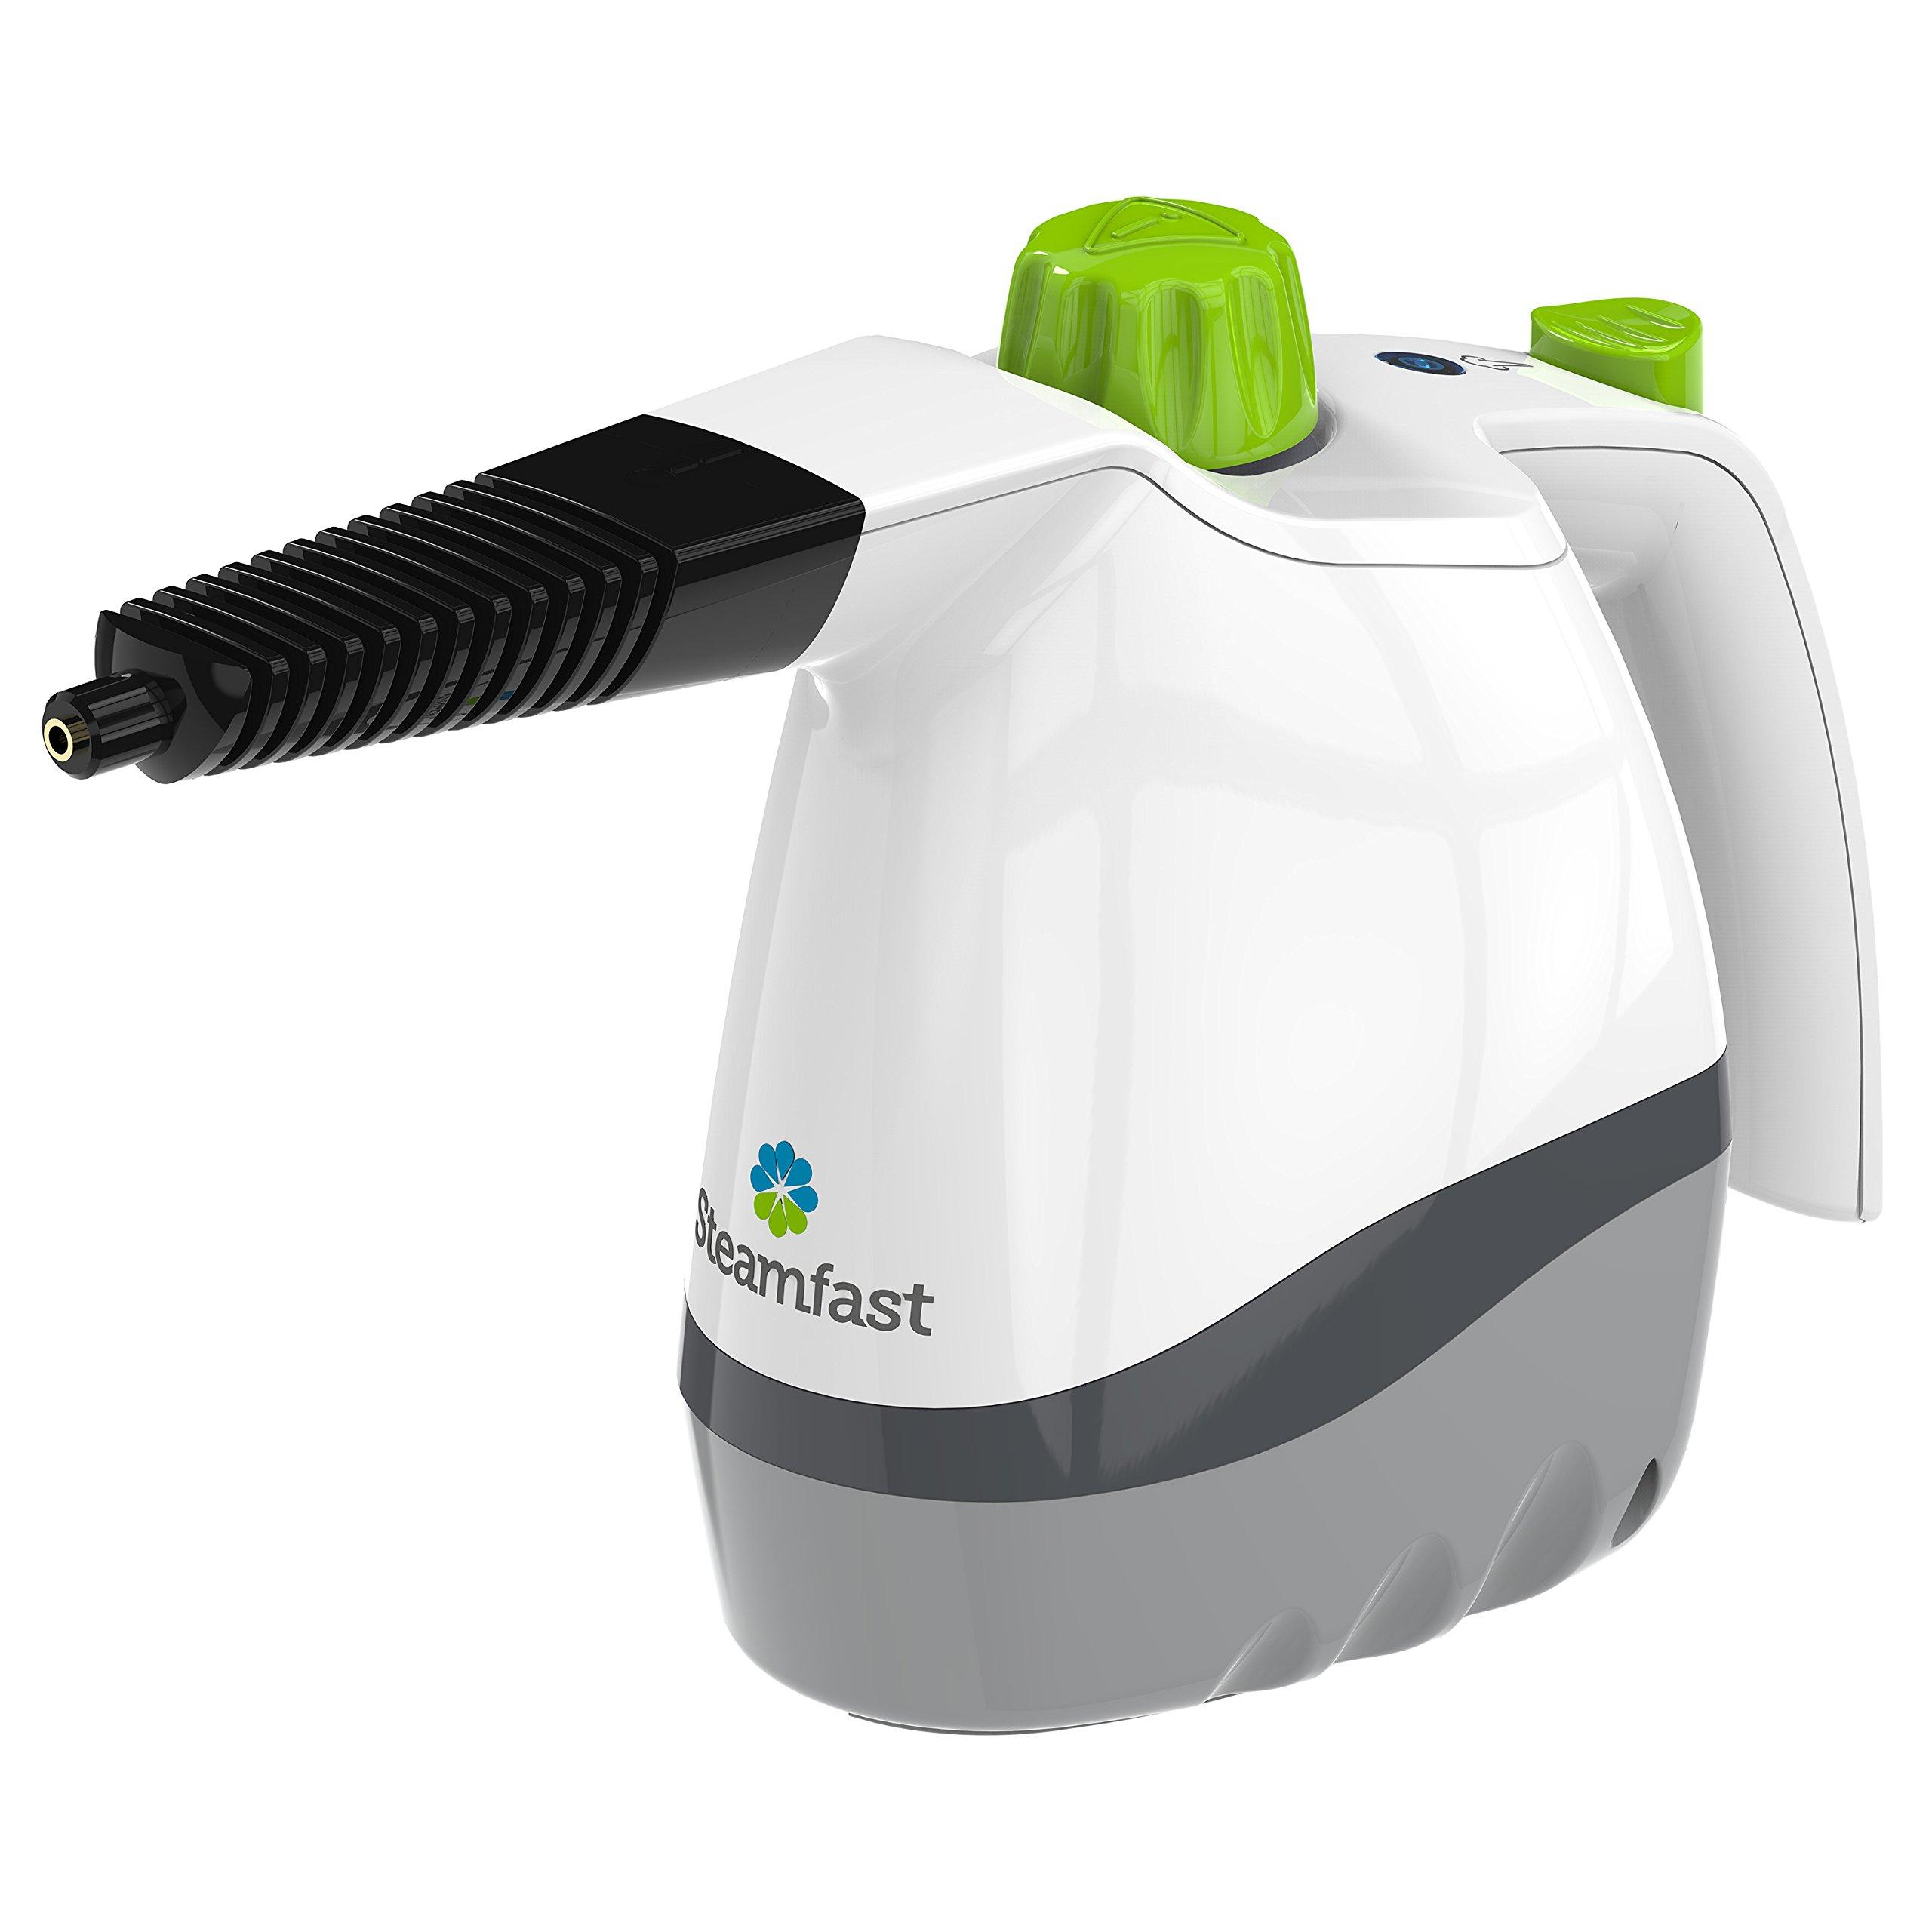 Steamfast SF-210 Everyday Handheld Steam Cleaner by Steamfast